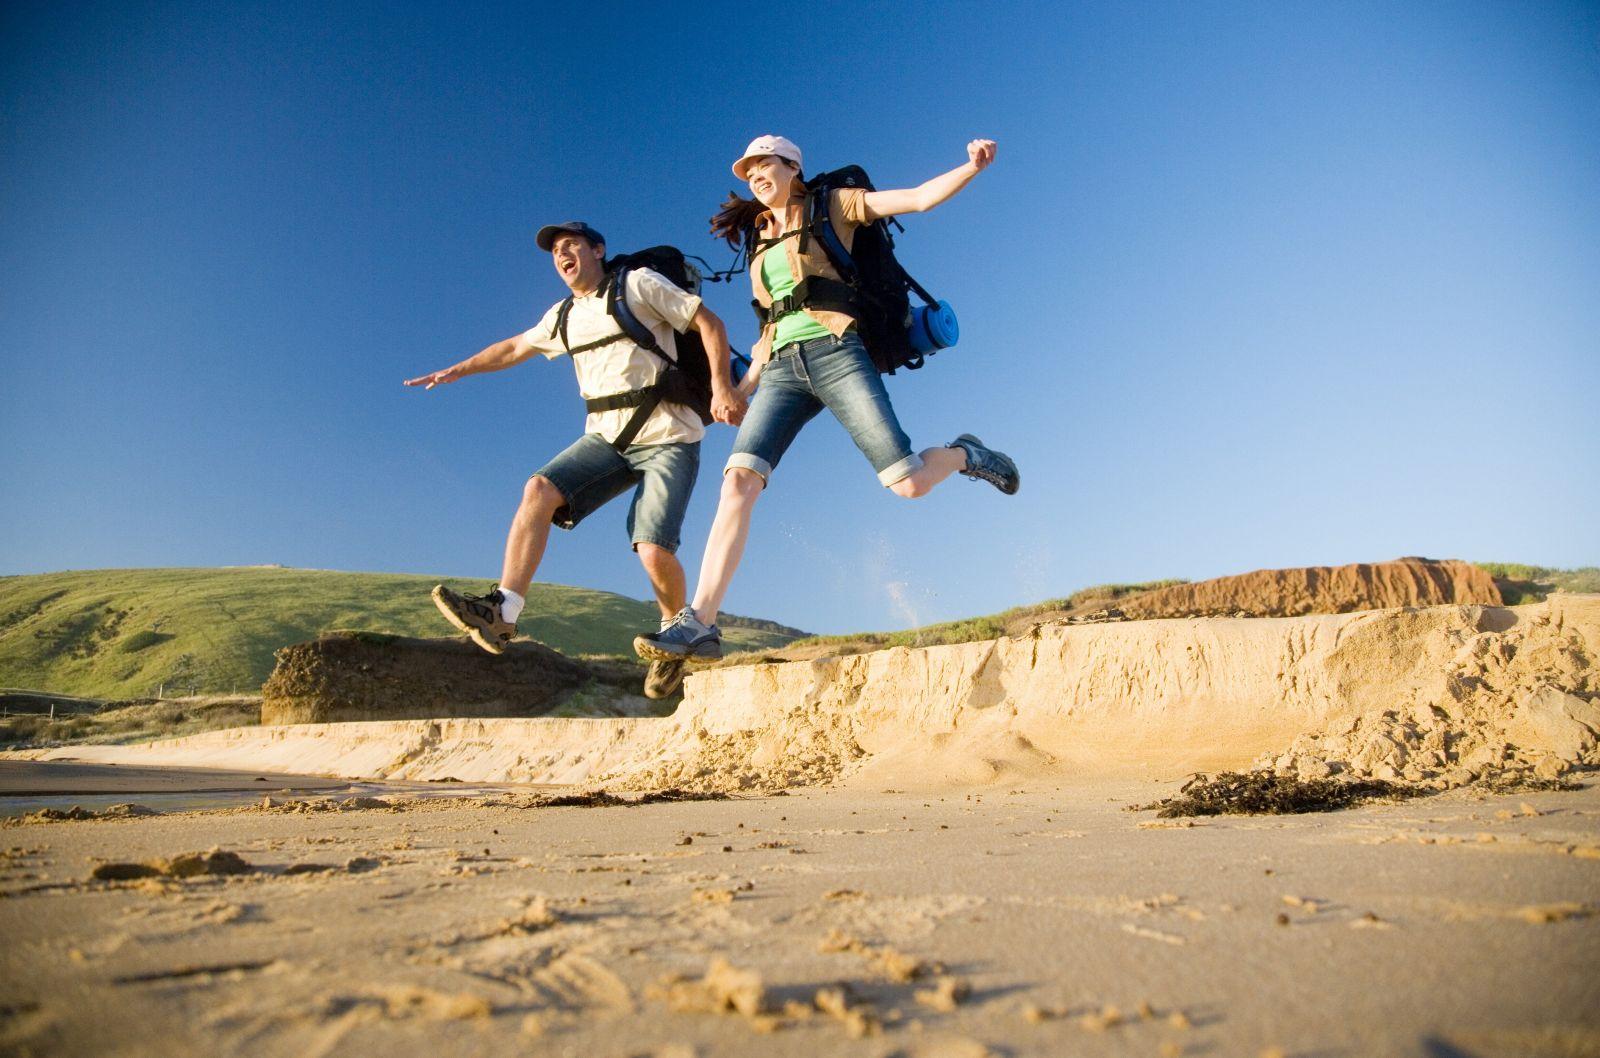 Du lịch để trải nghiệm, đó cũng là cách chúng ta có thể làm để kéo dài thời gian. (Ảnh qua buzzntravel.com)